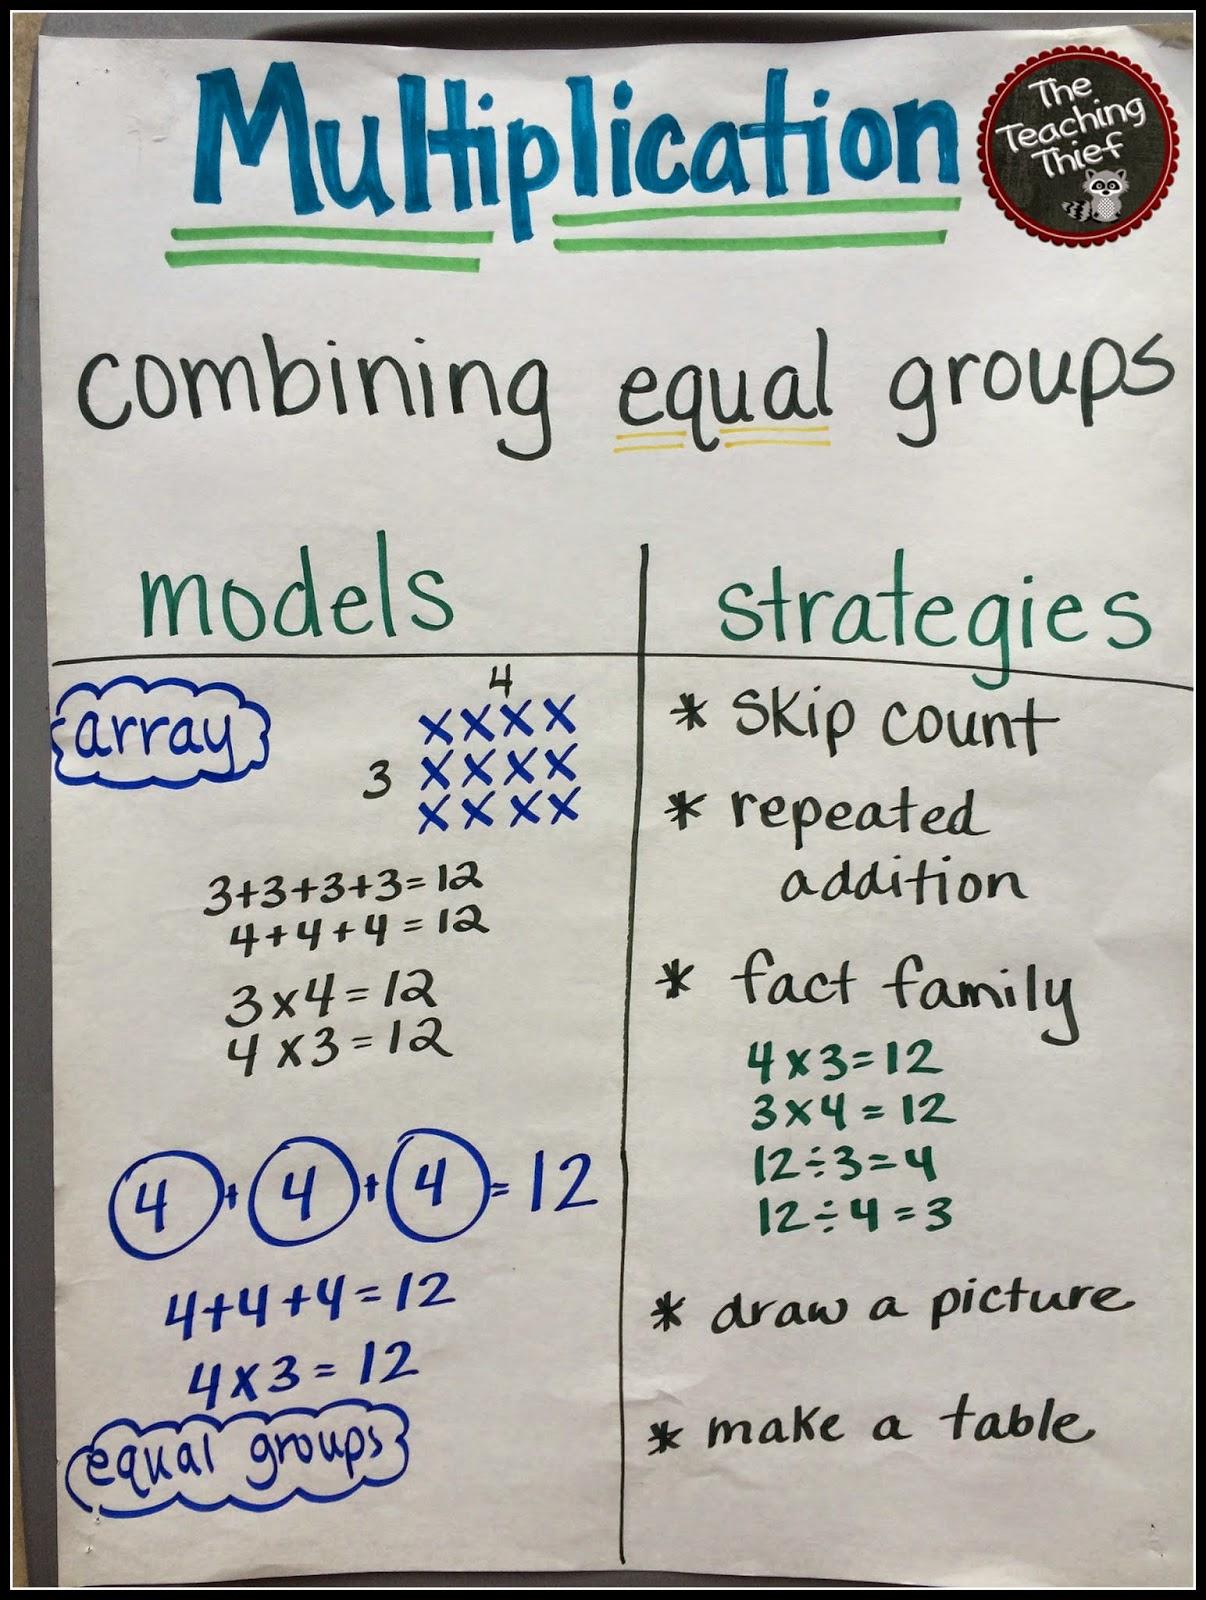 Multiplication Strategies For 5th Grade